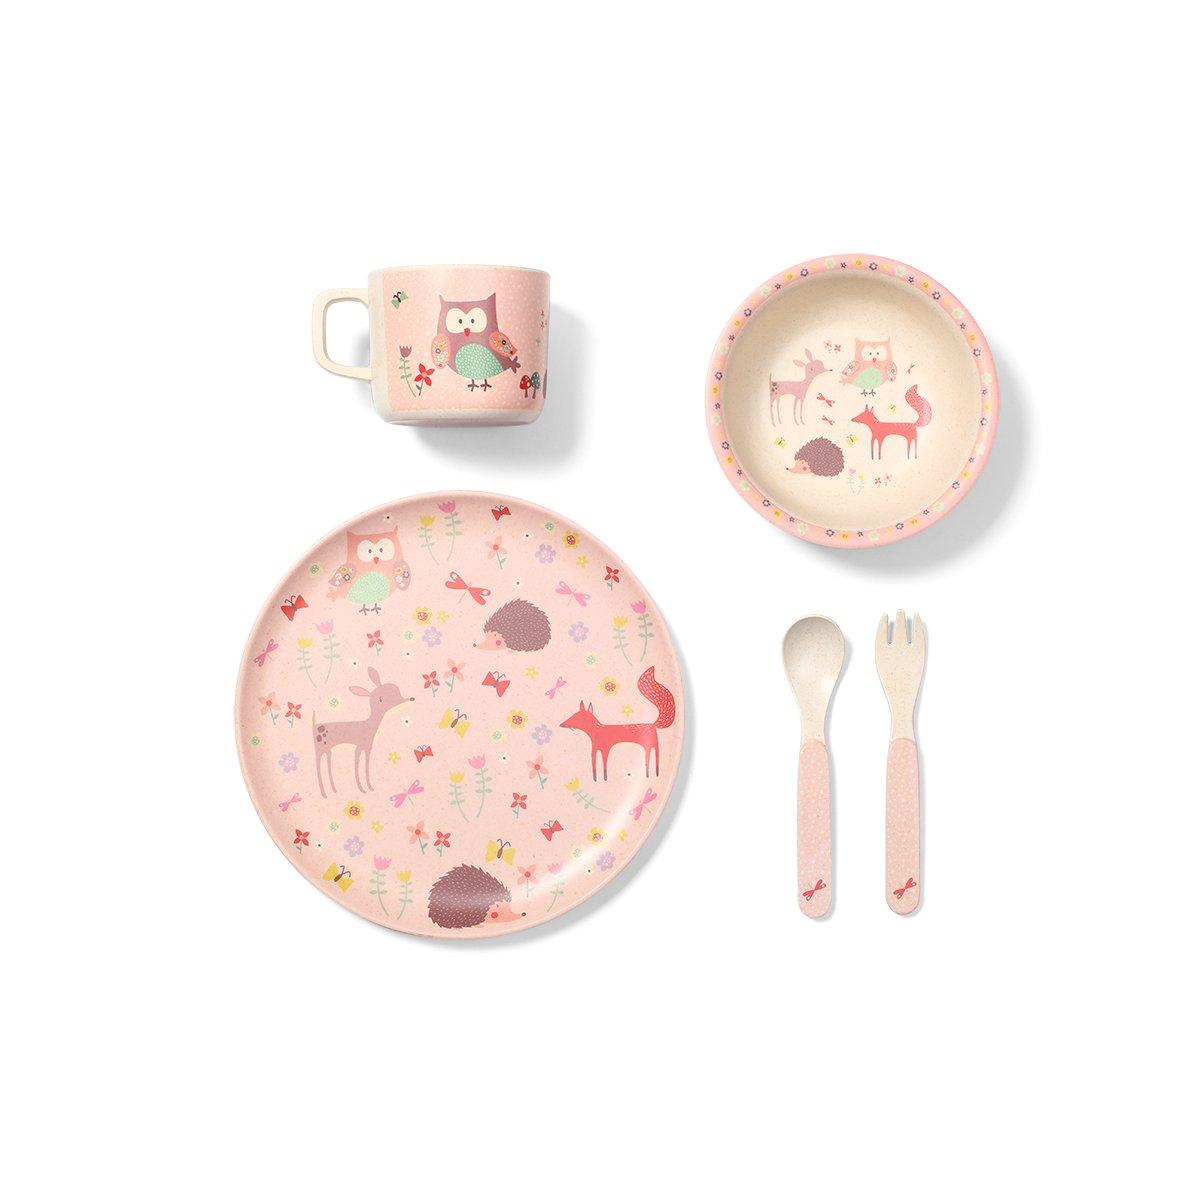 Dìtská jídelní sada z bambusu forest pink - zvìtšit obrázek